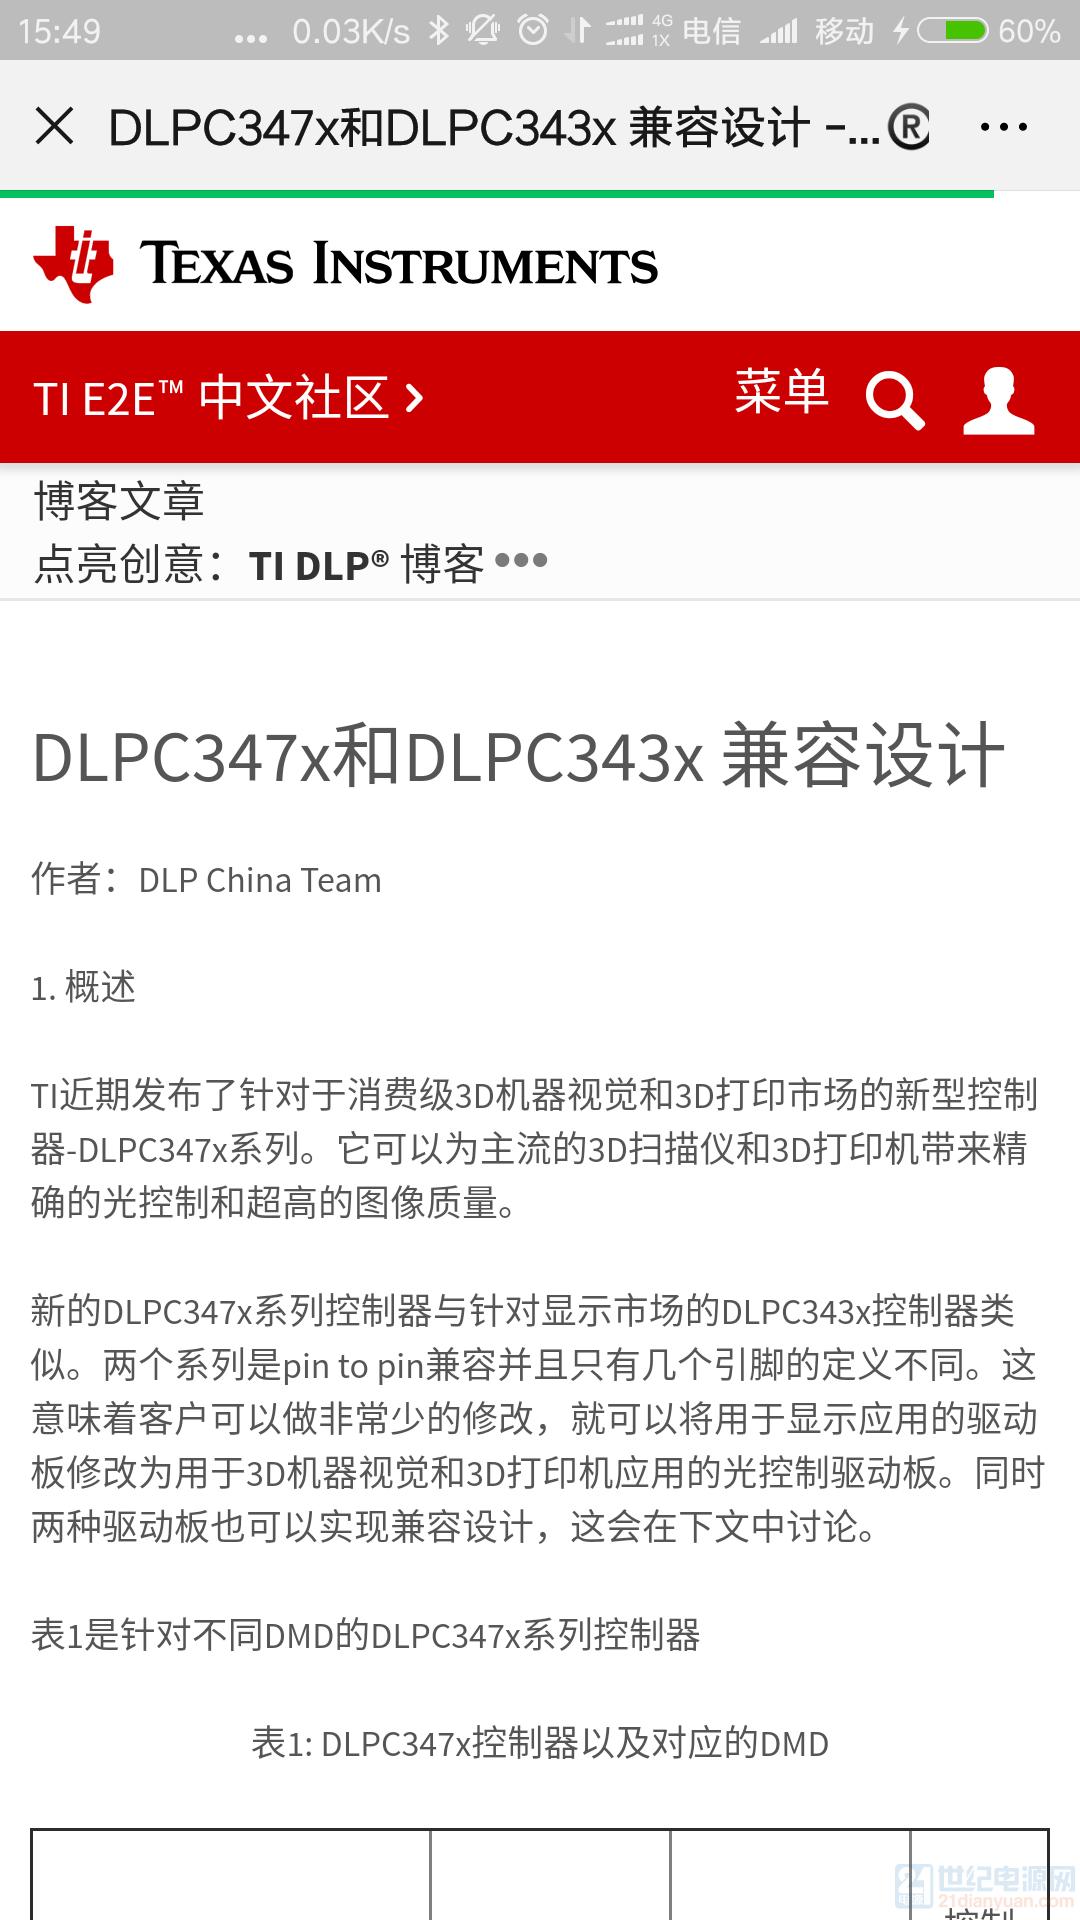 Screenshot_2019-10-09-15-49-04-480_com.tencent.mm.png